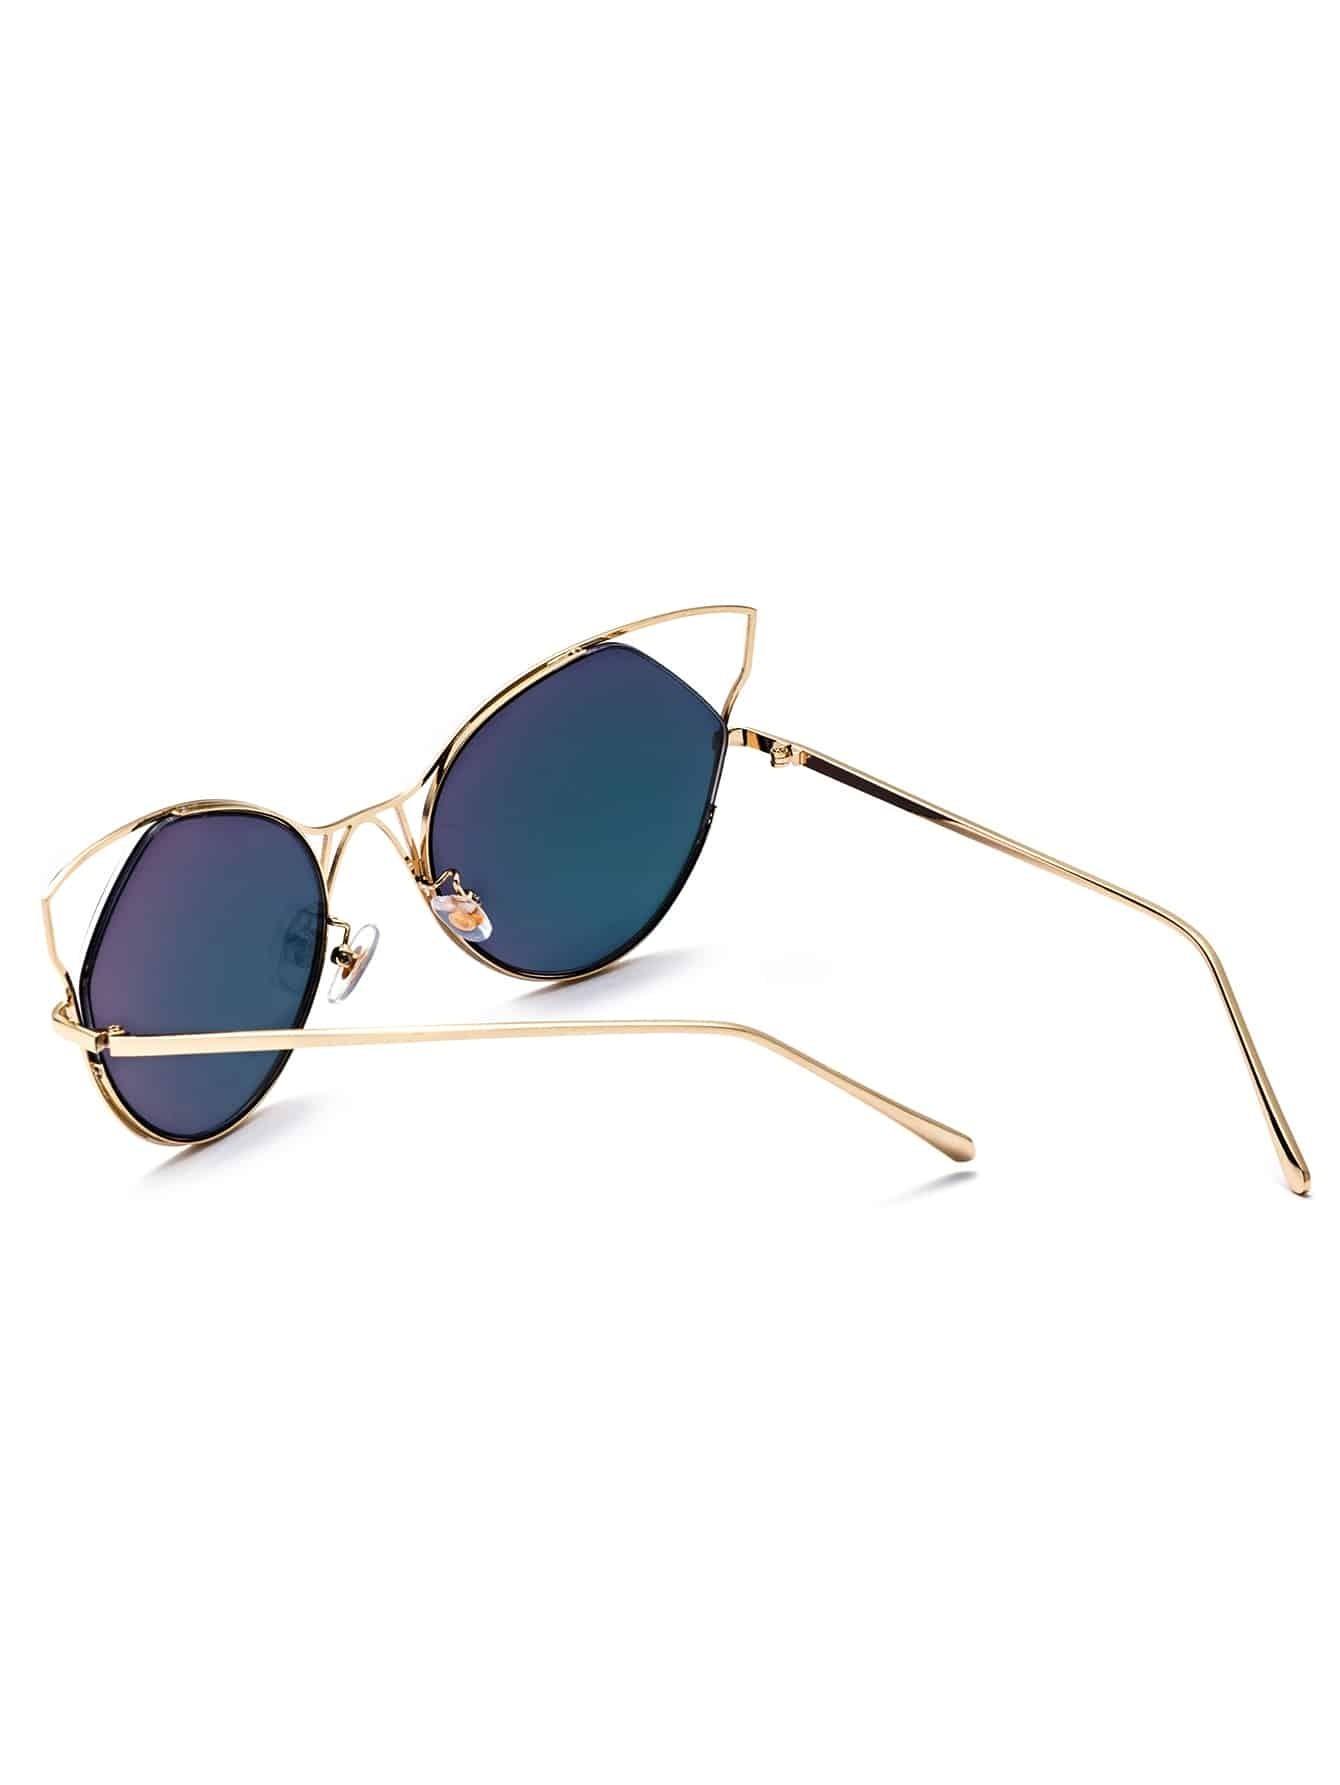 Gold Frame Cat Eye Sunglasses : Gold Frame Pink Cat Eye Sunglasses